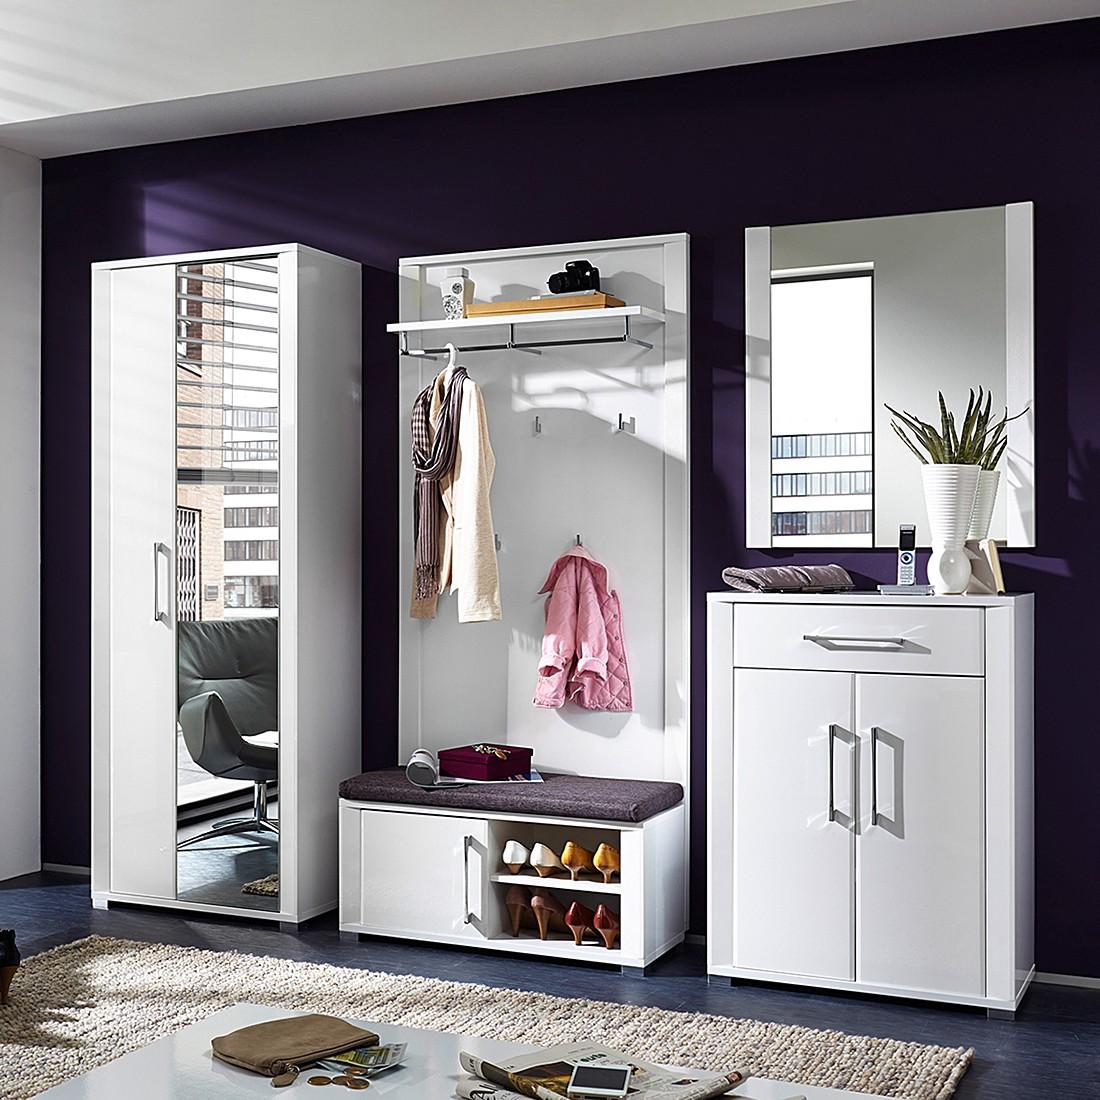 garderobe wei hochglanz preisvergleich die besten. Black Bedroom Furniture Sets. Home Design Ideas